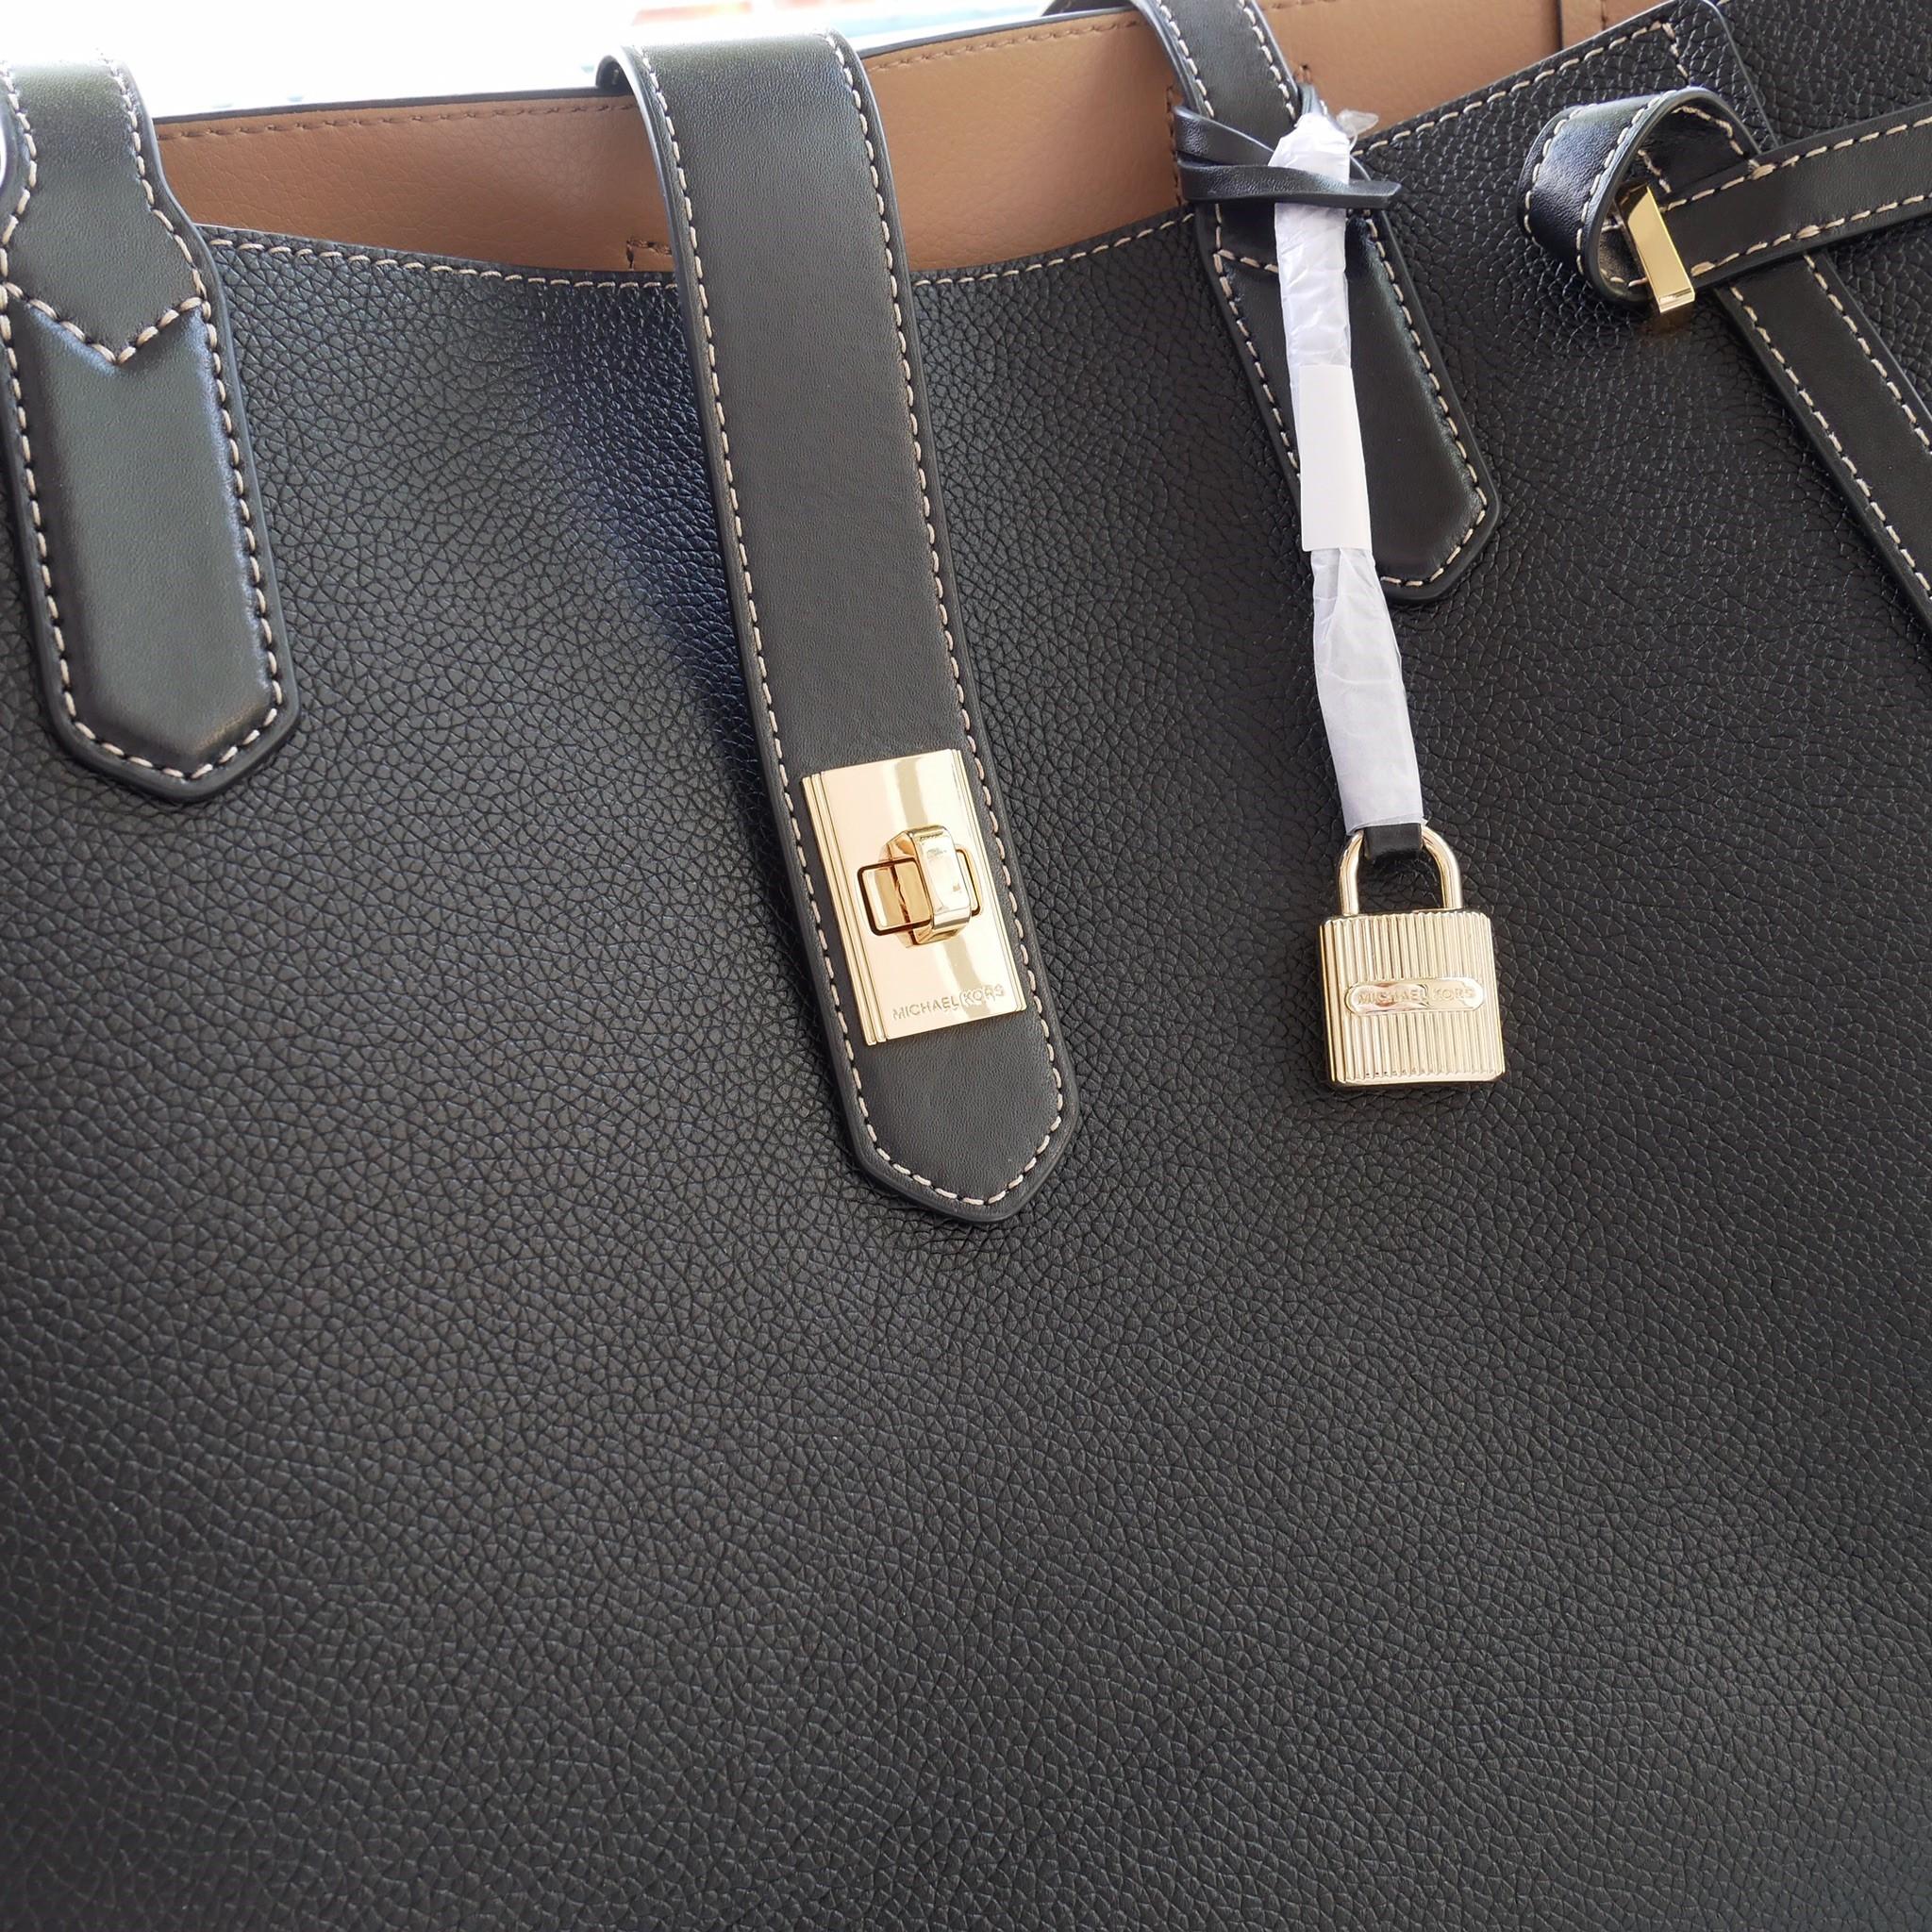 827fd4cec6d9 NWT Michael Kors Cassie Large Leather Tote Black - Little costume ...